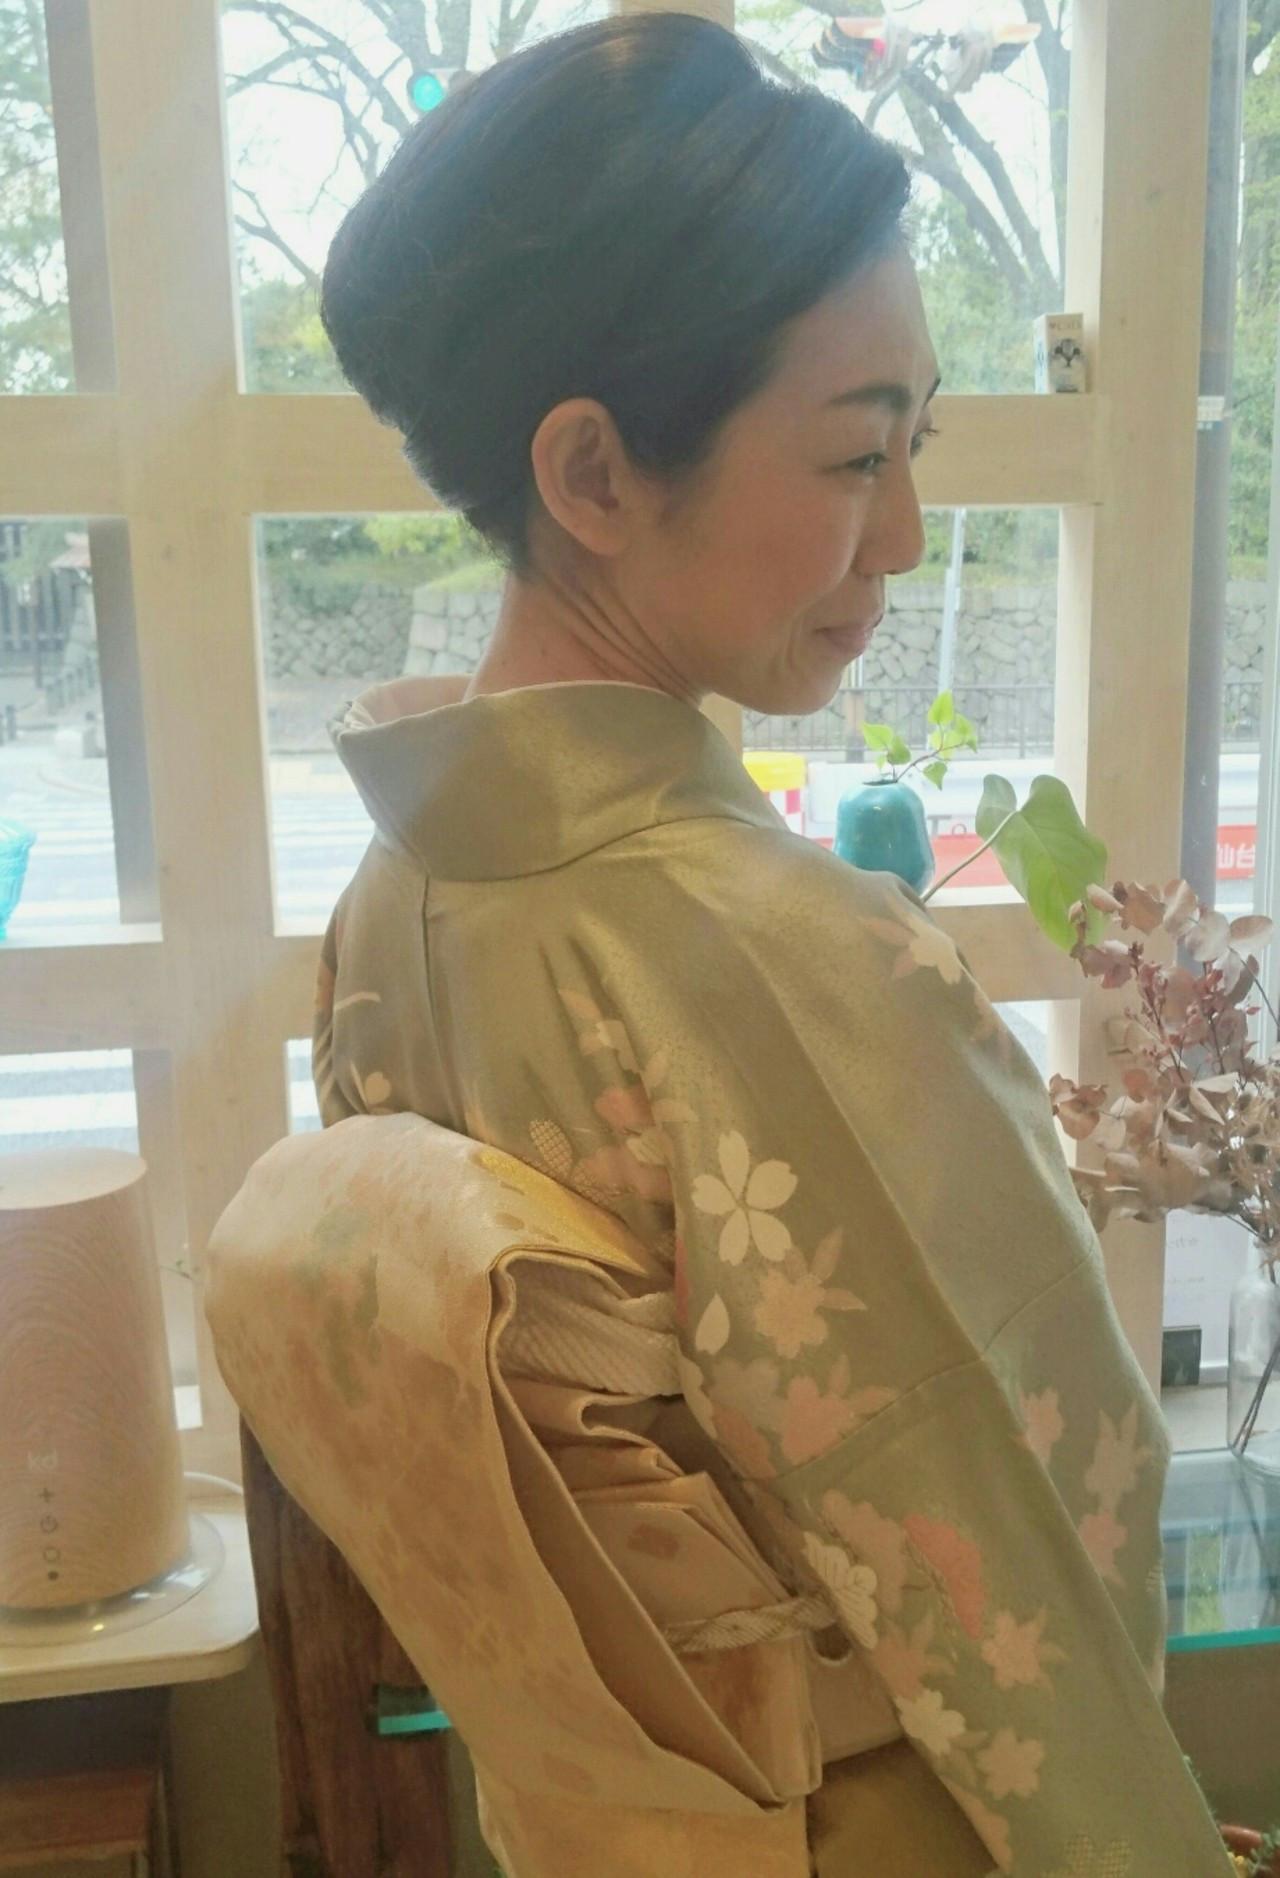 ほんのりセクシーな着物に似合うアップアレンジ Seiichirou Ueda  atelier luretta